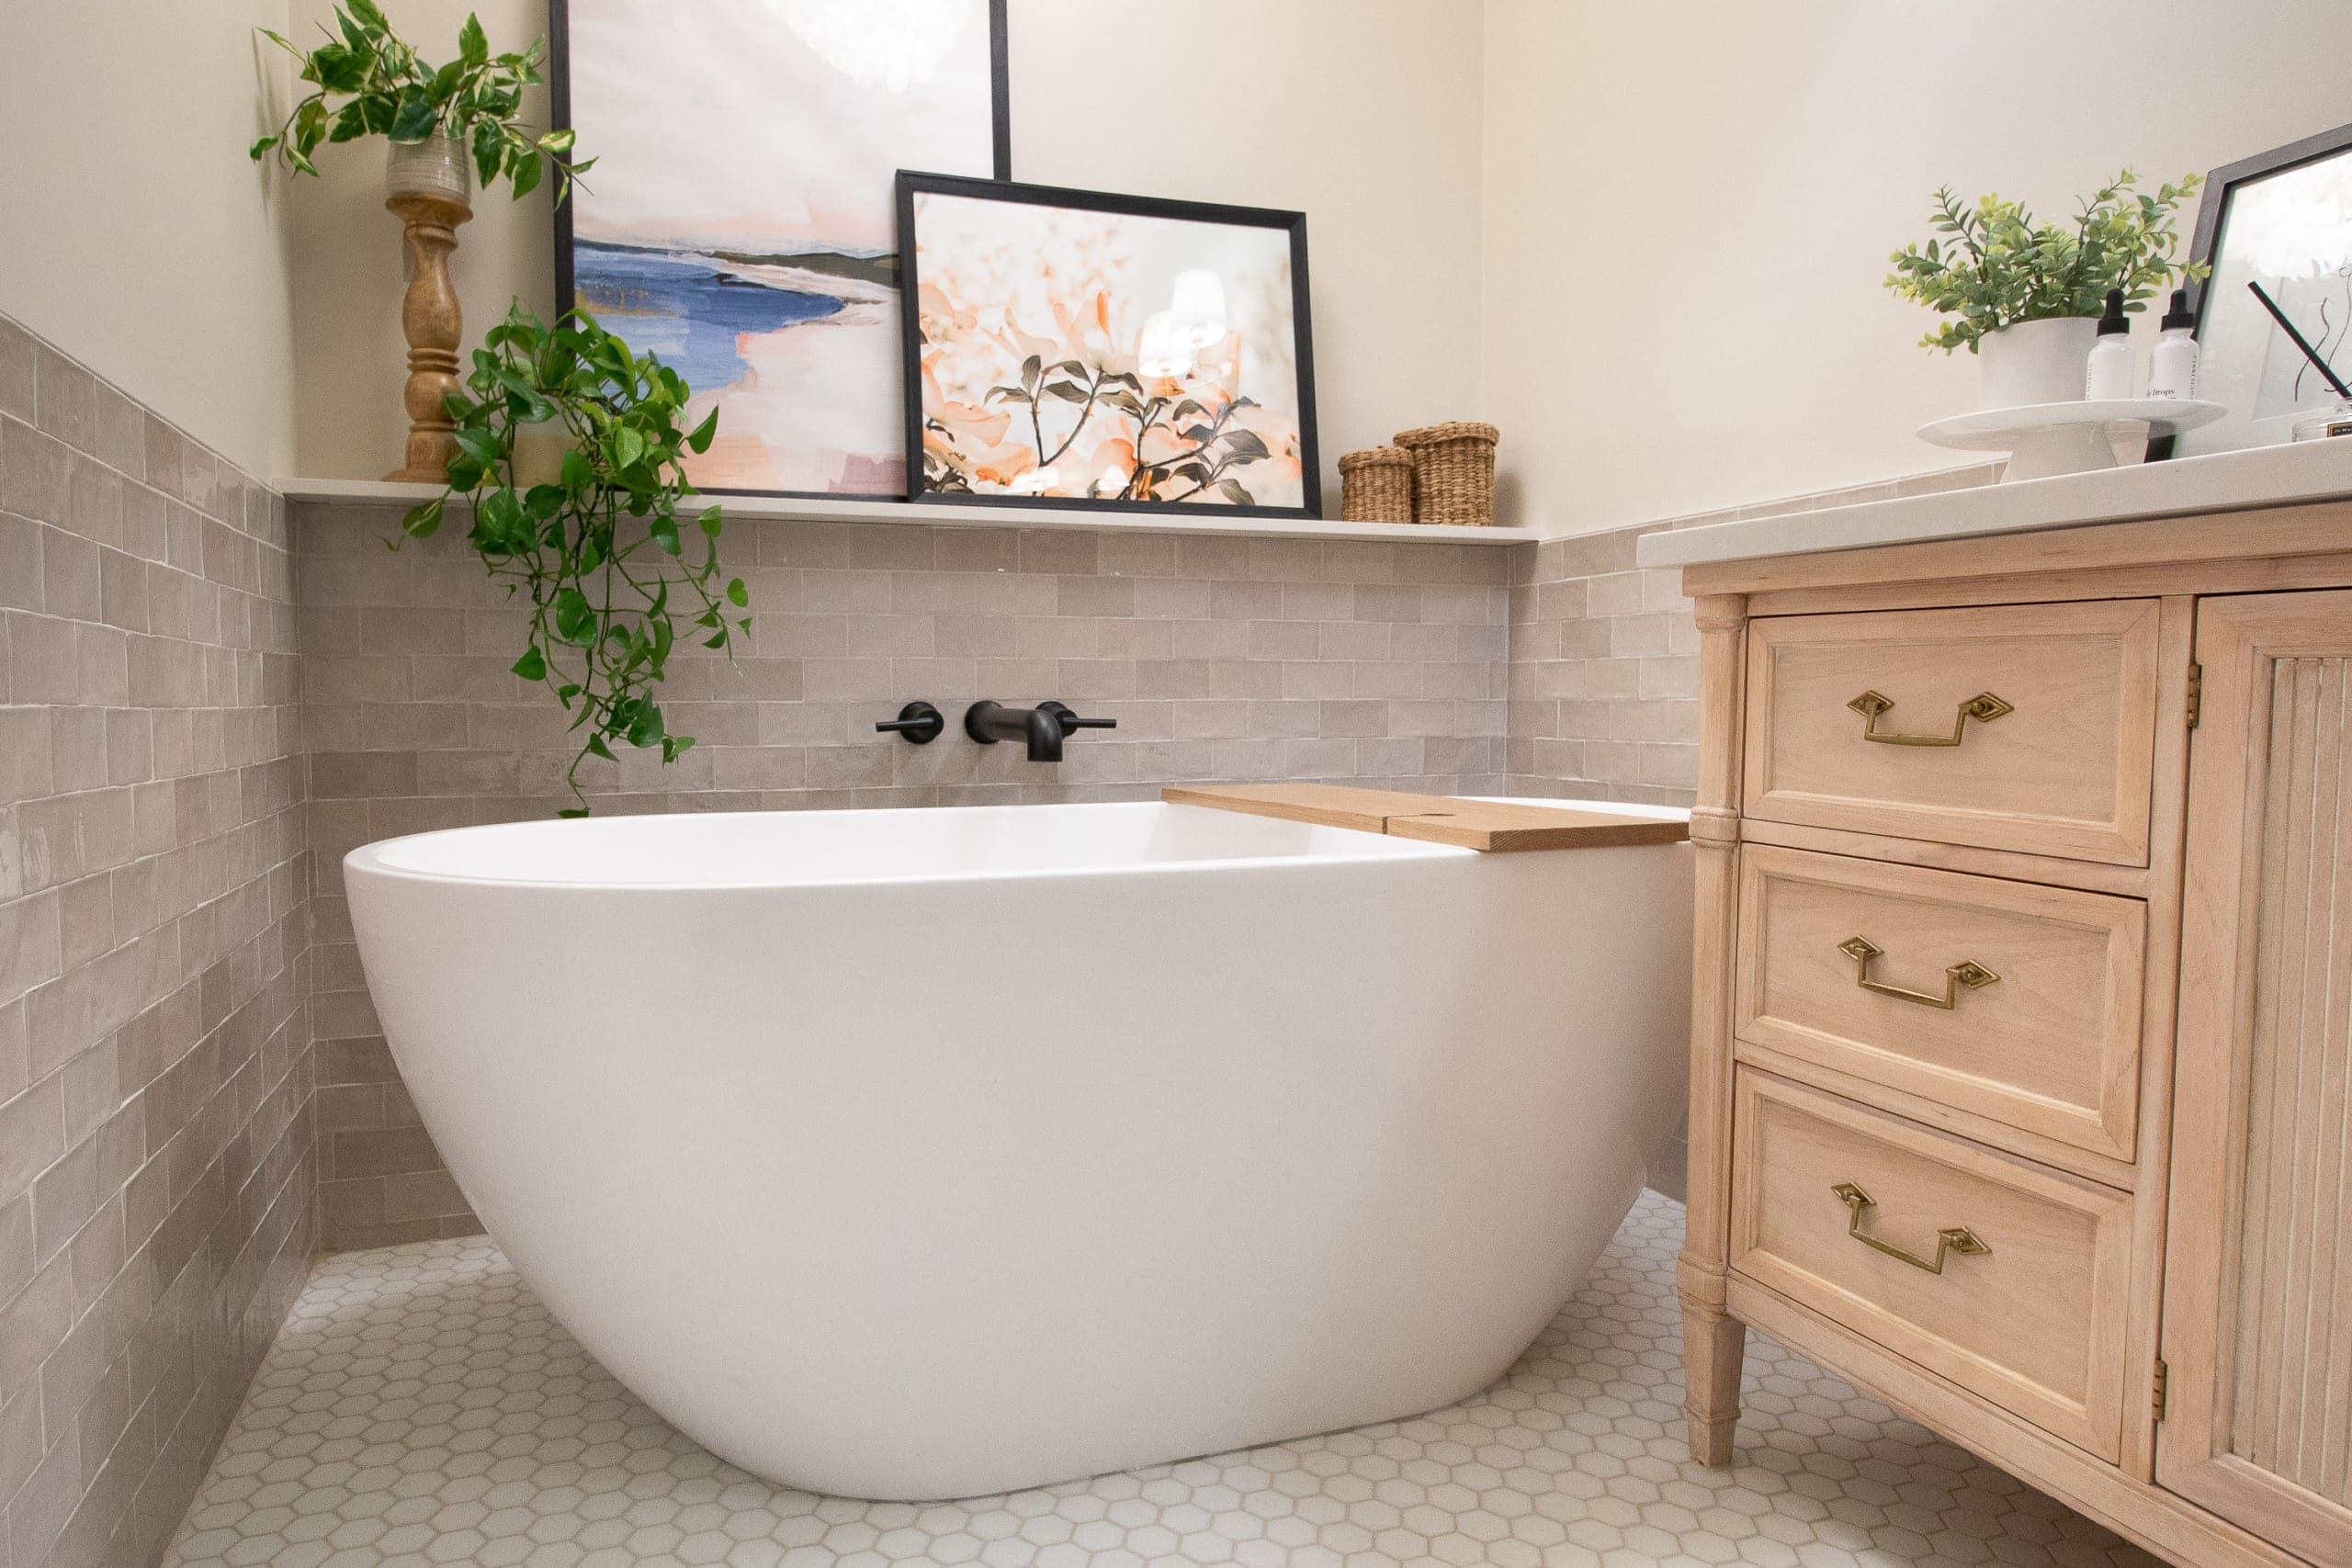 A freestanding tub in a bathroom